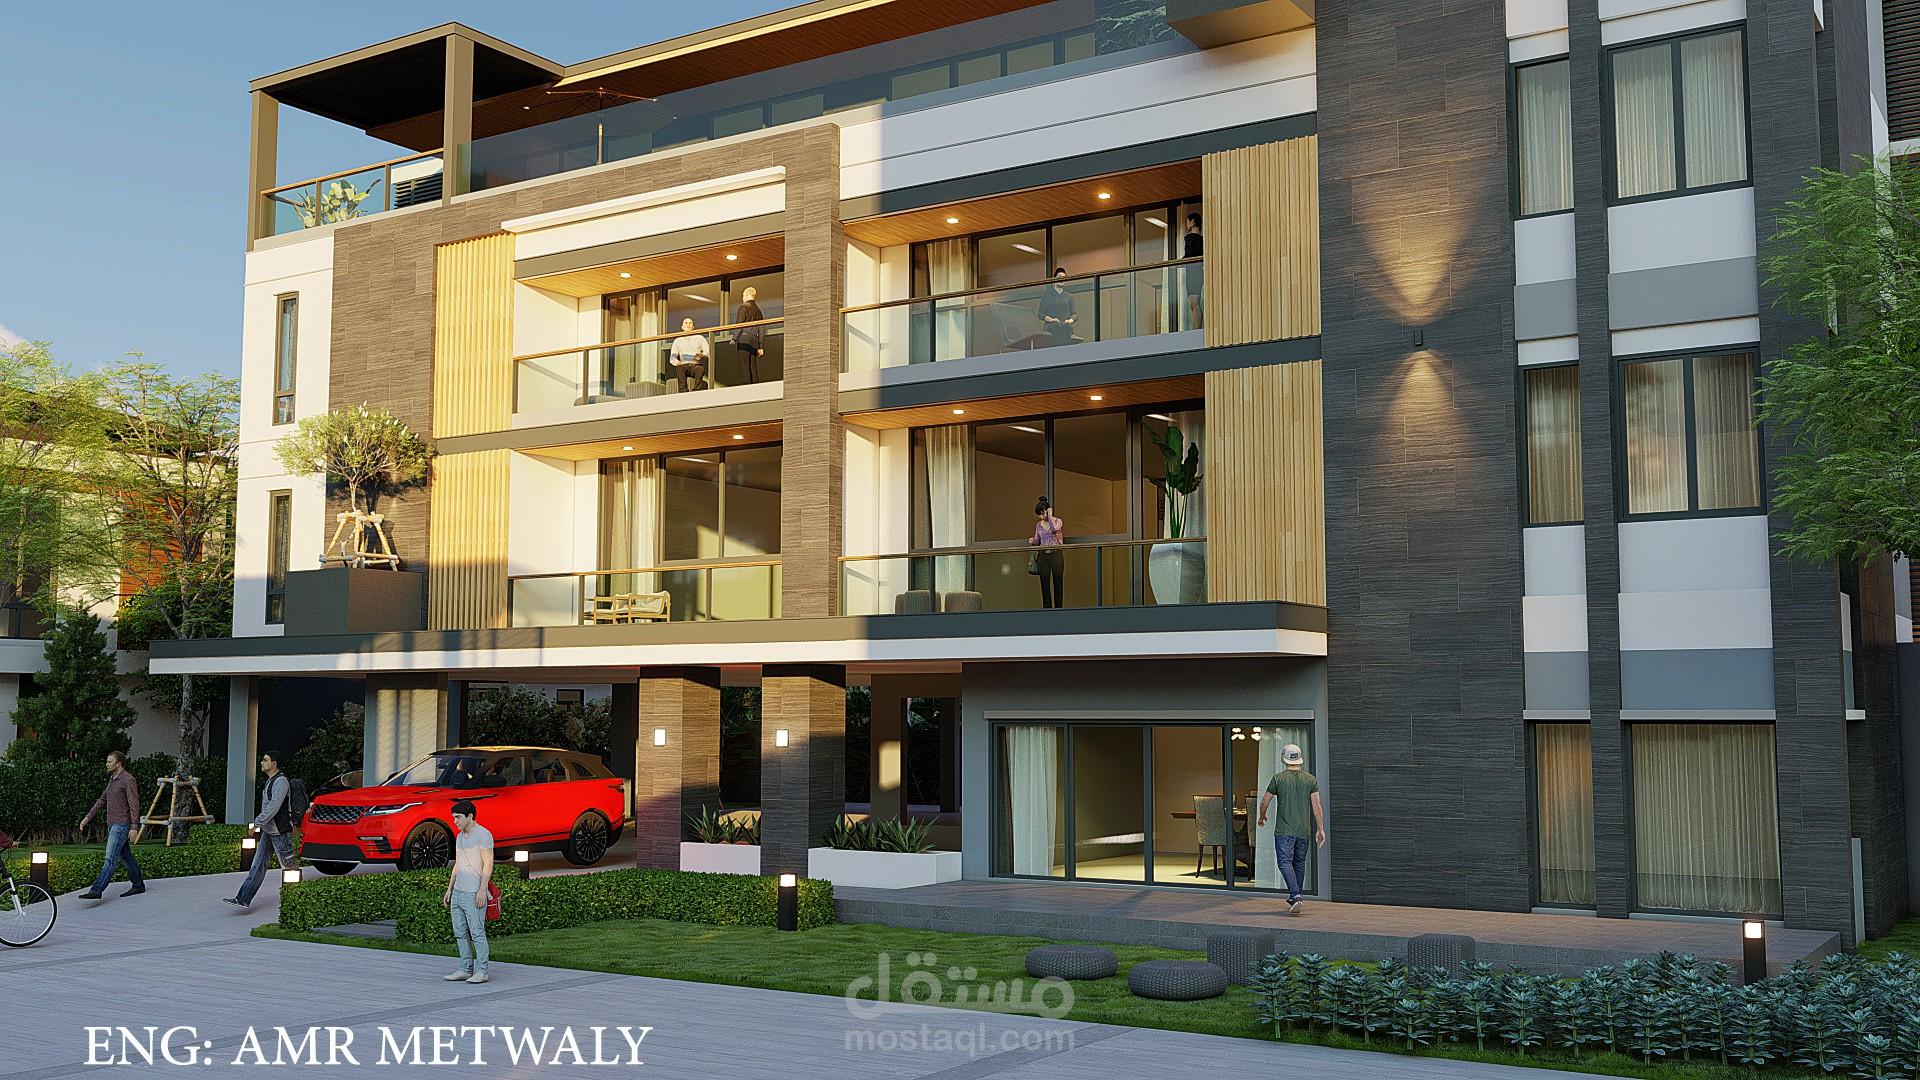 تصميم لسكن طلبه (عمارة سكنيه) بجمهورية مصر العربيه